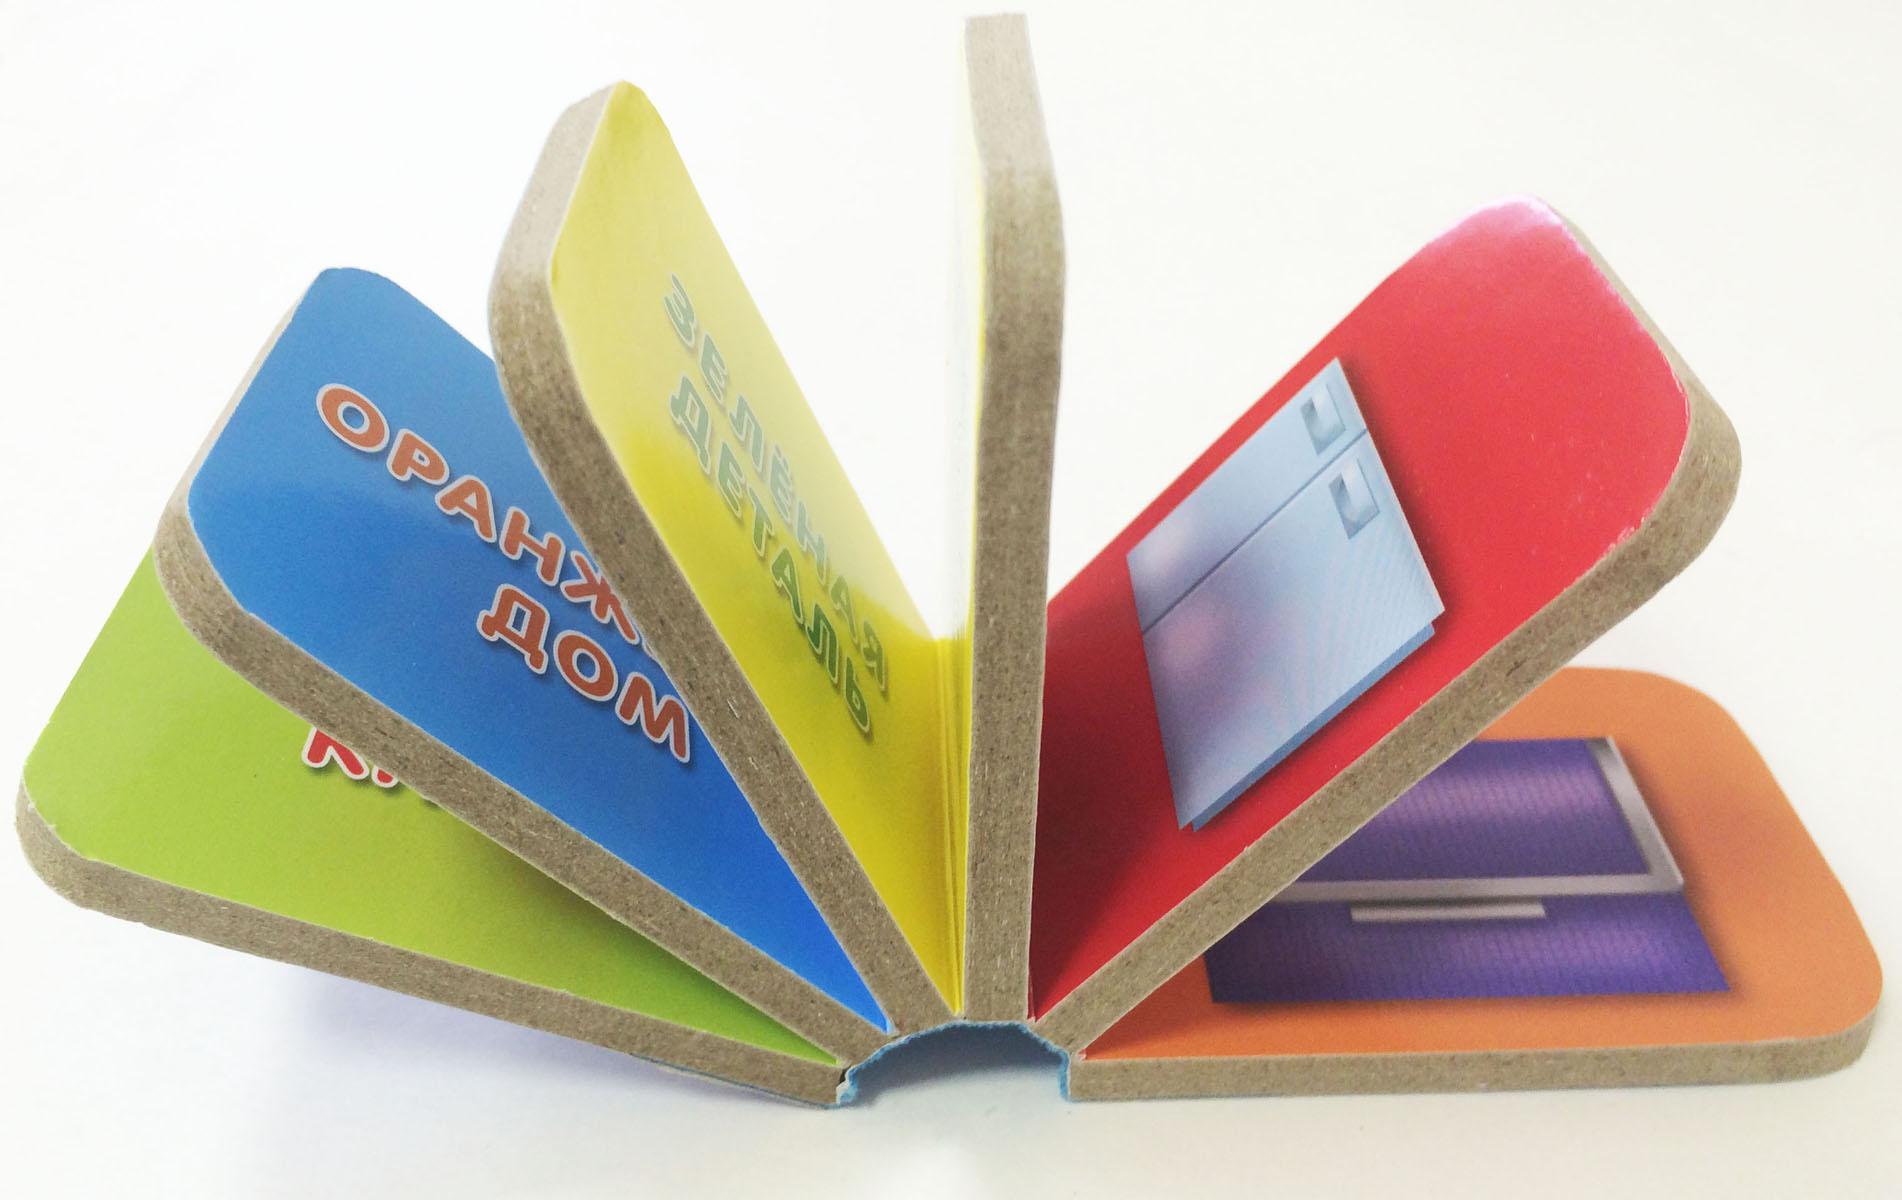 Формы и цвета. Сортер с пазлами (комплект из 4 книжек + пазлы)